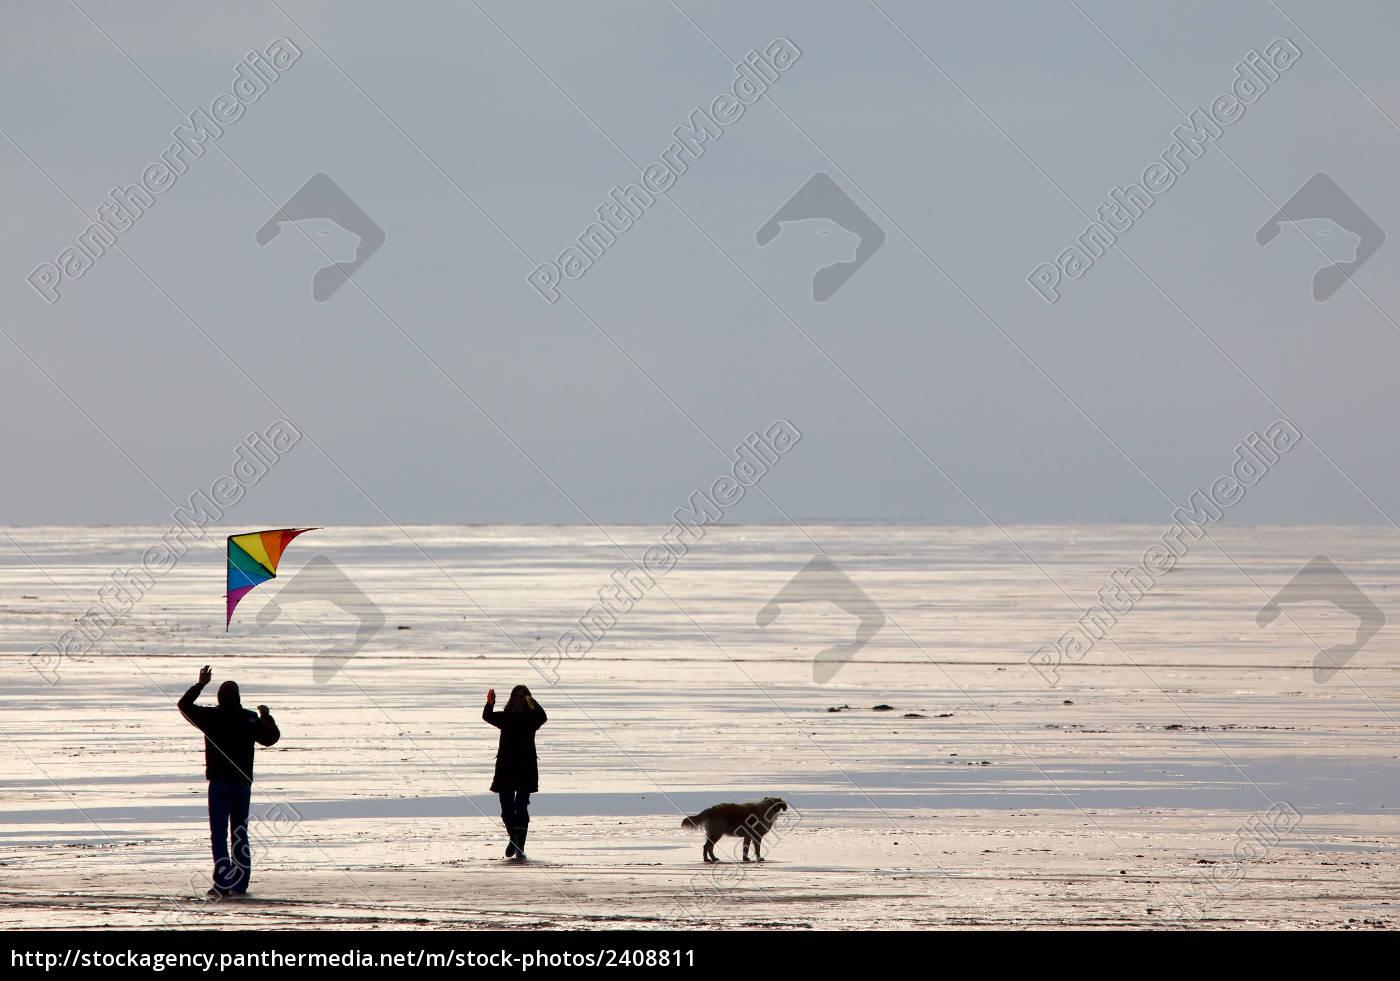 kite, flying - 2408811